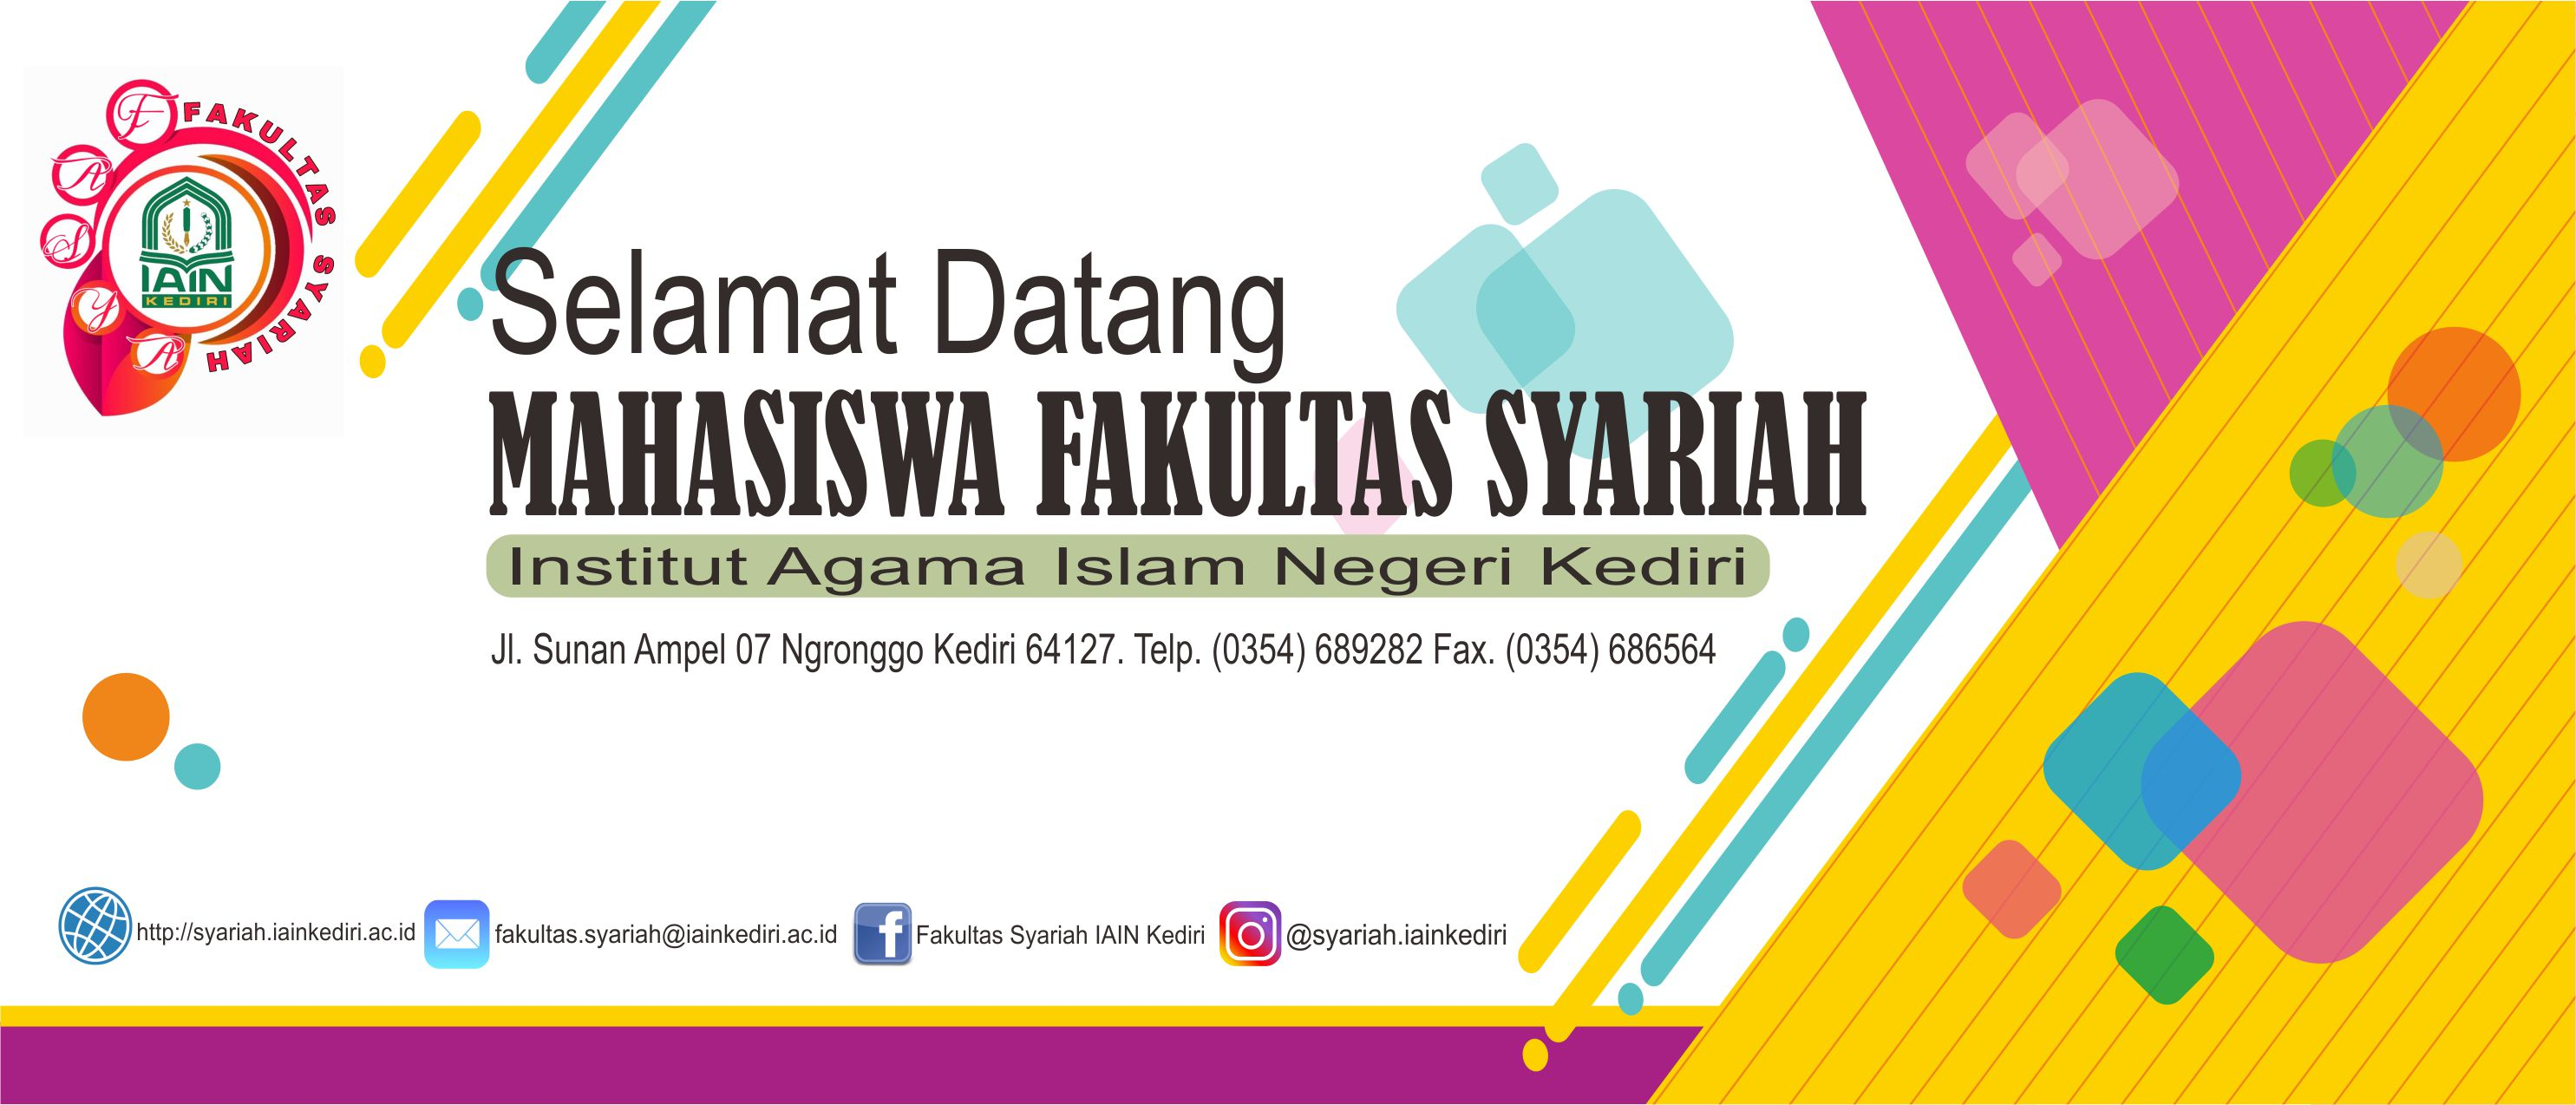 SELAMAT DATANG MAHASISWA FAKULTAS SYARIAH IAIN KEDIRI